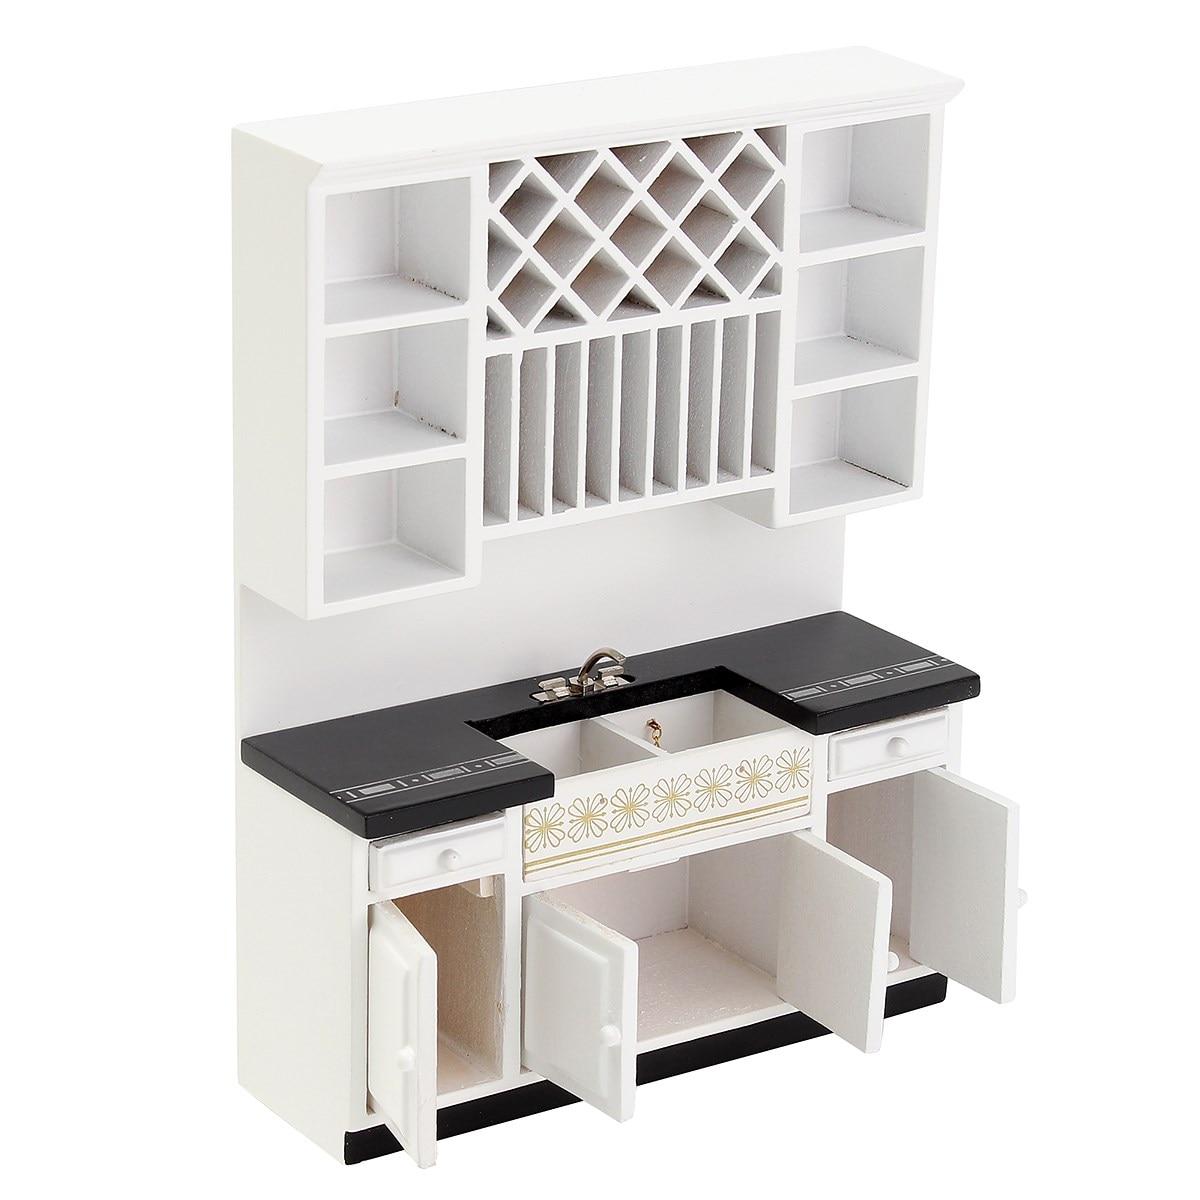 Ziemlich Billige Küche Set Spielzeug Zeitgenössisch - Küchen Design ...